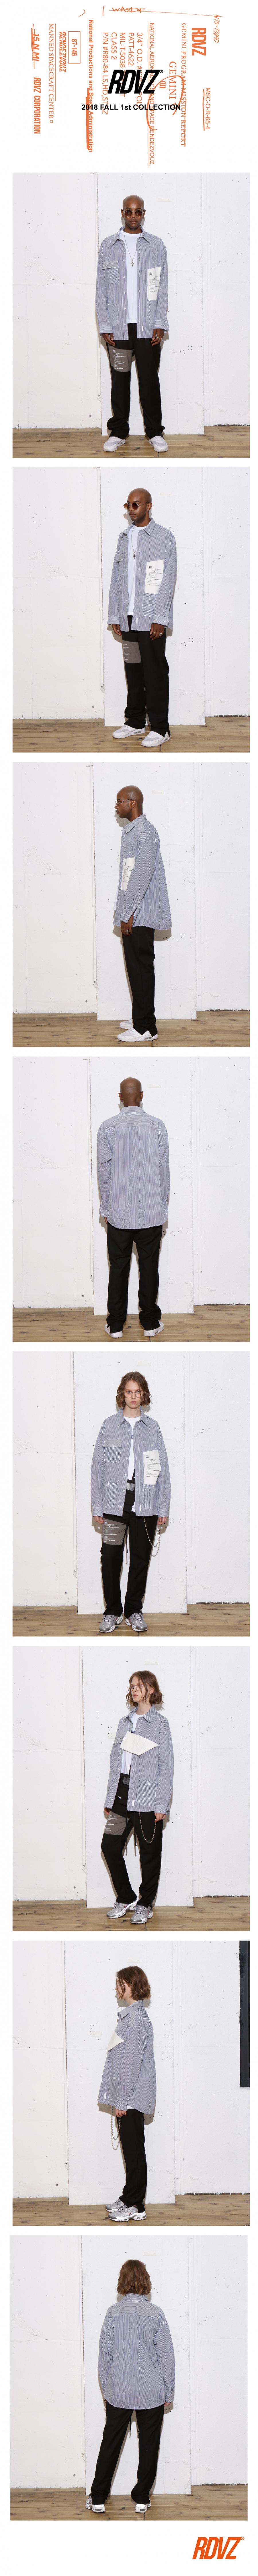 알디브이제트(RDVZ) 빅 라벨 포켓 셔츠 네이비